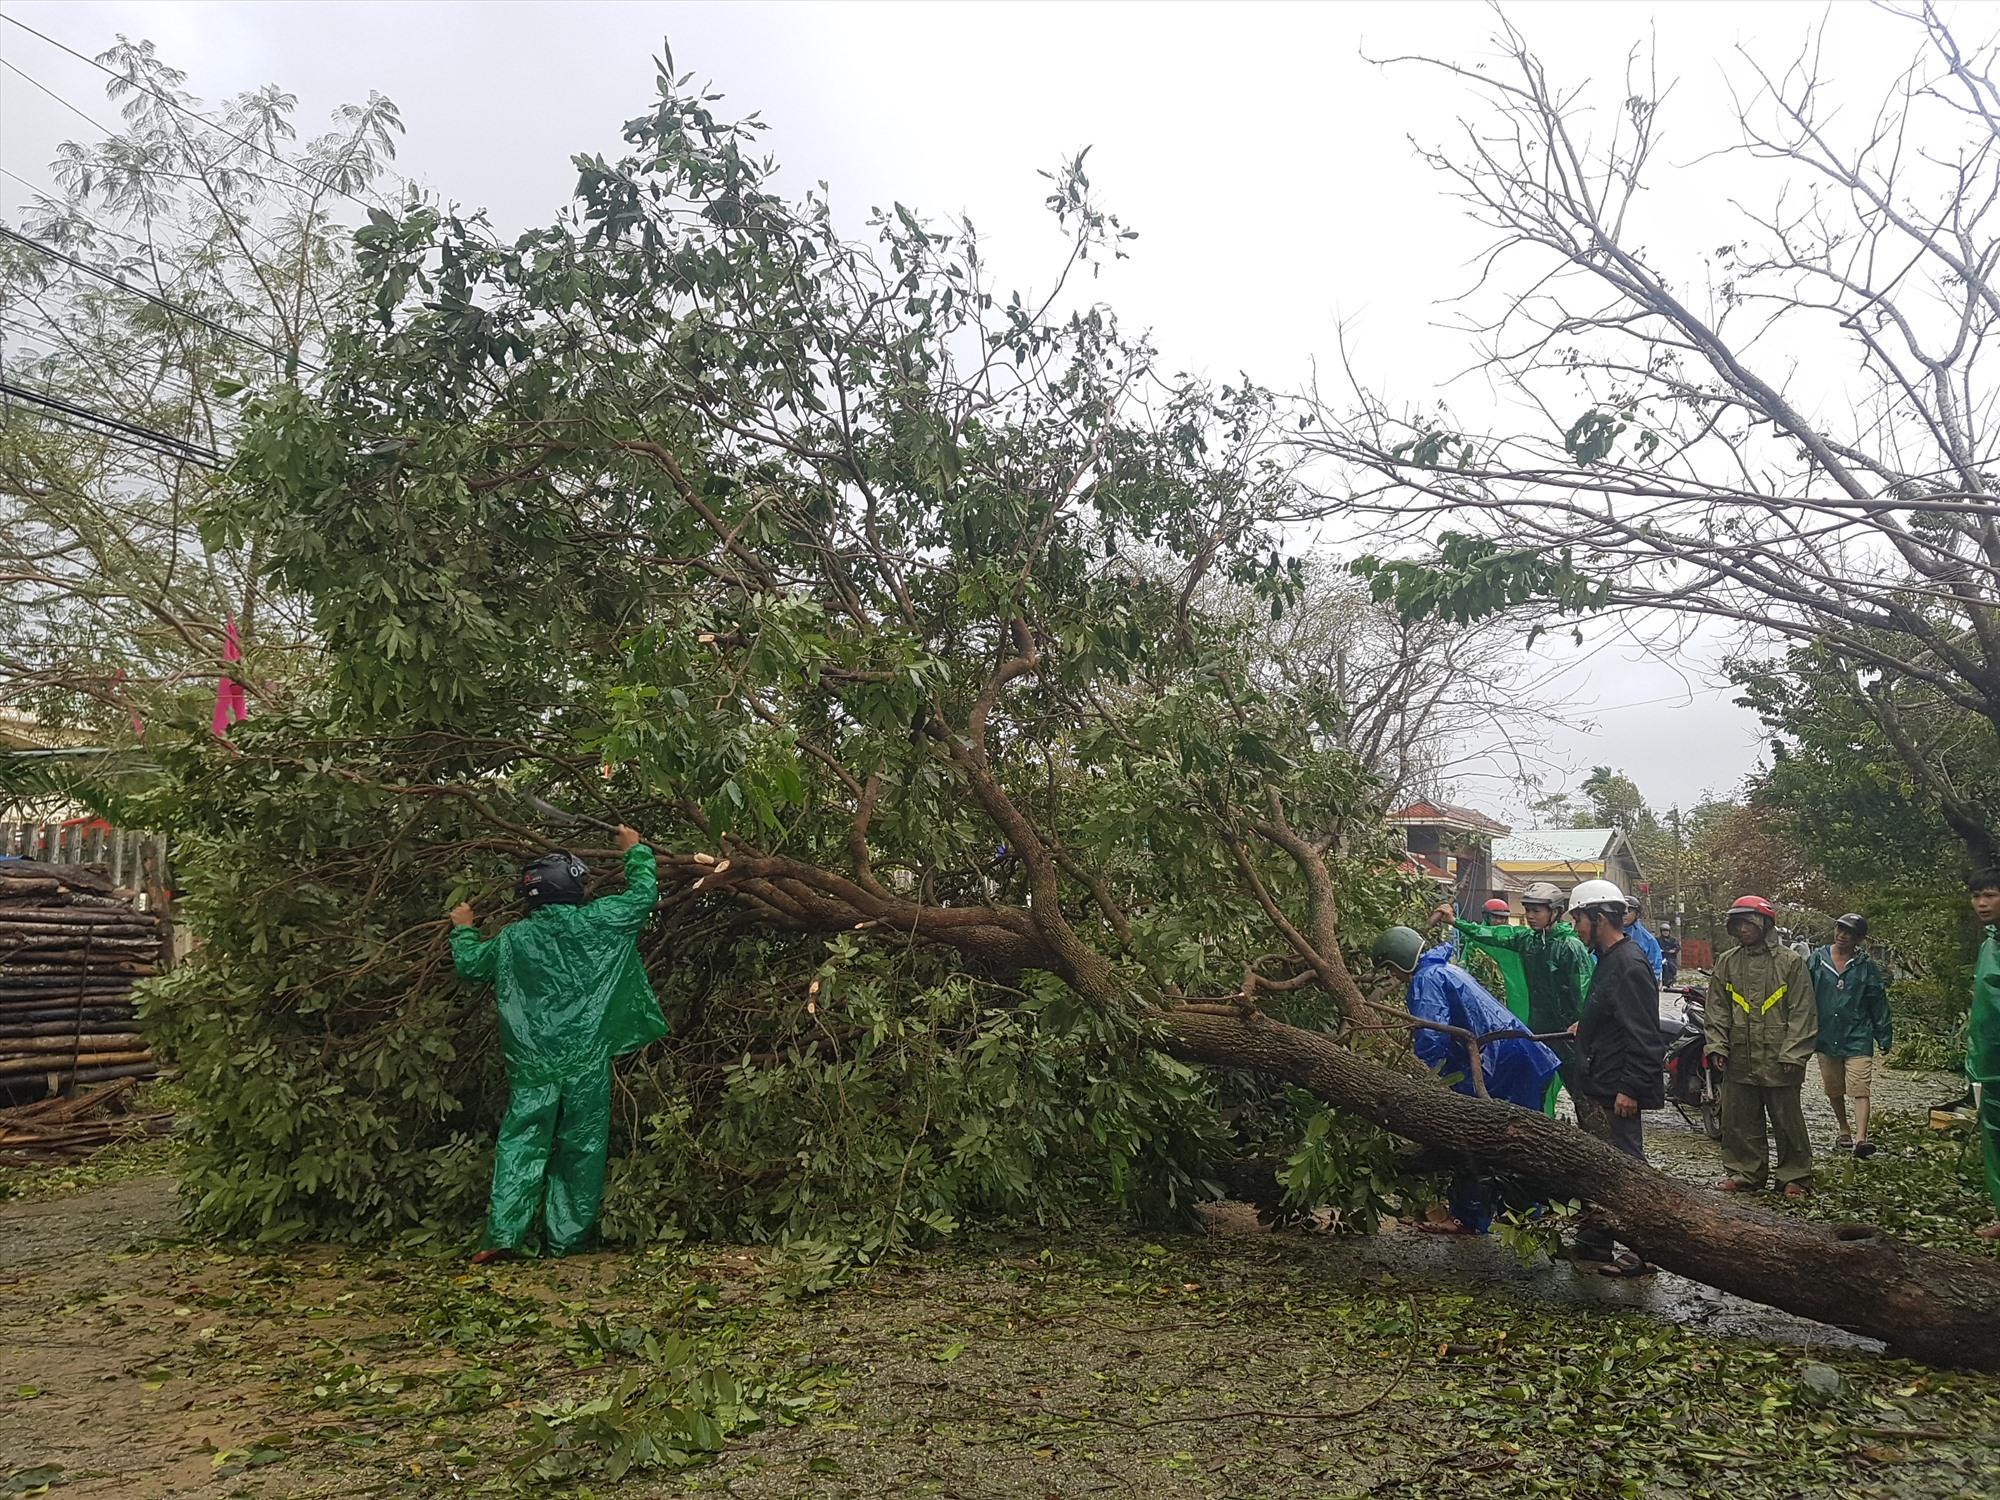 Các tuyến giao thông trên địa bàn huyện Tiên Phước bị ách tắt do cây cối ngã đổ ra đường. Ảnh: DIỄM LỆ